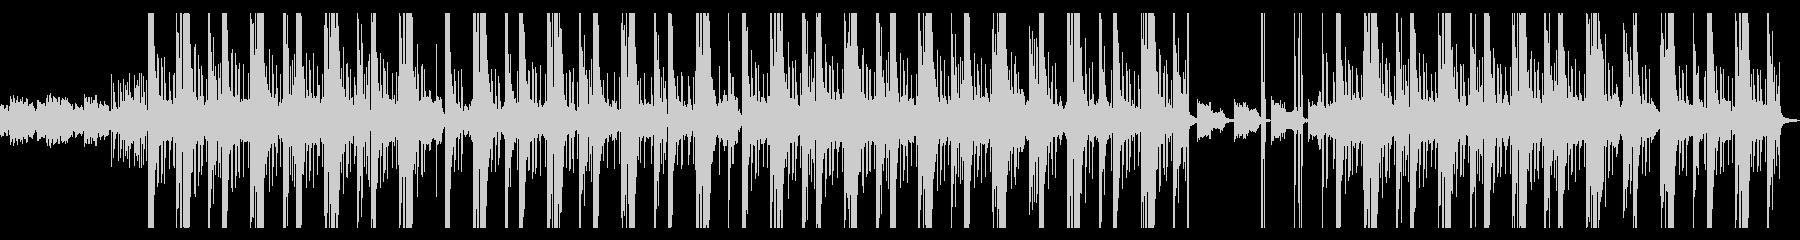 ダークな人生ヒップホップ、トラップの未再生の波形